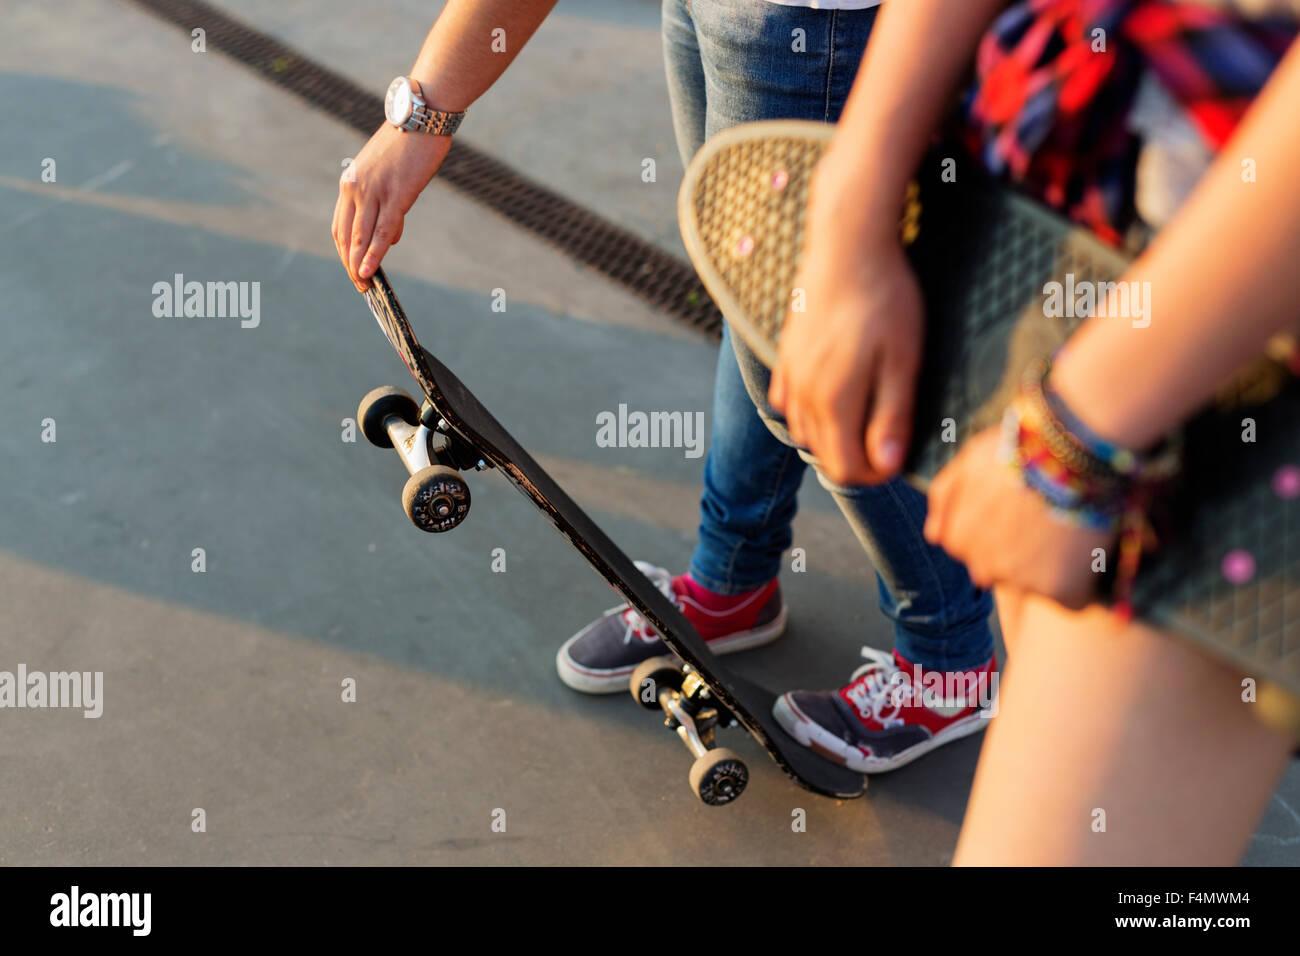 Mittelteil der Mädchen im Teenageralter mit Skateboards im Skatepark Stockbild